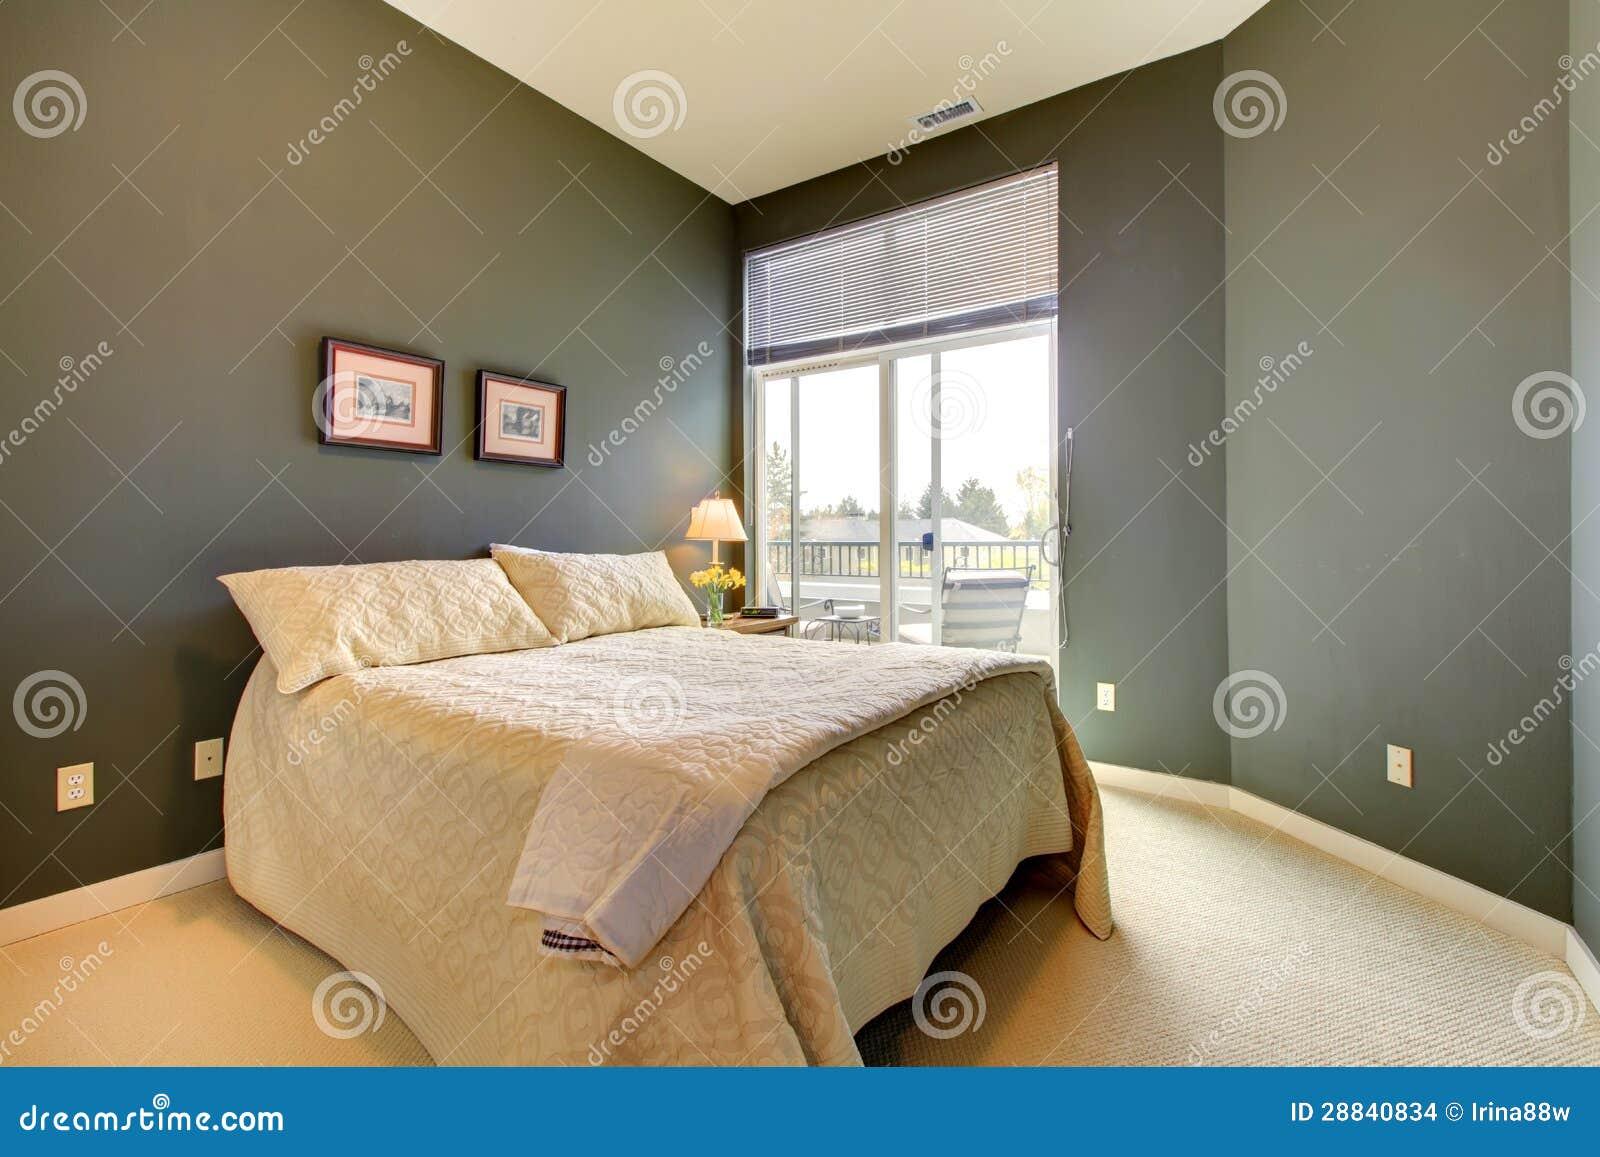 Camera da letto con le pareti verdi grige e la - Camera da letto laccata bianca ...